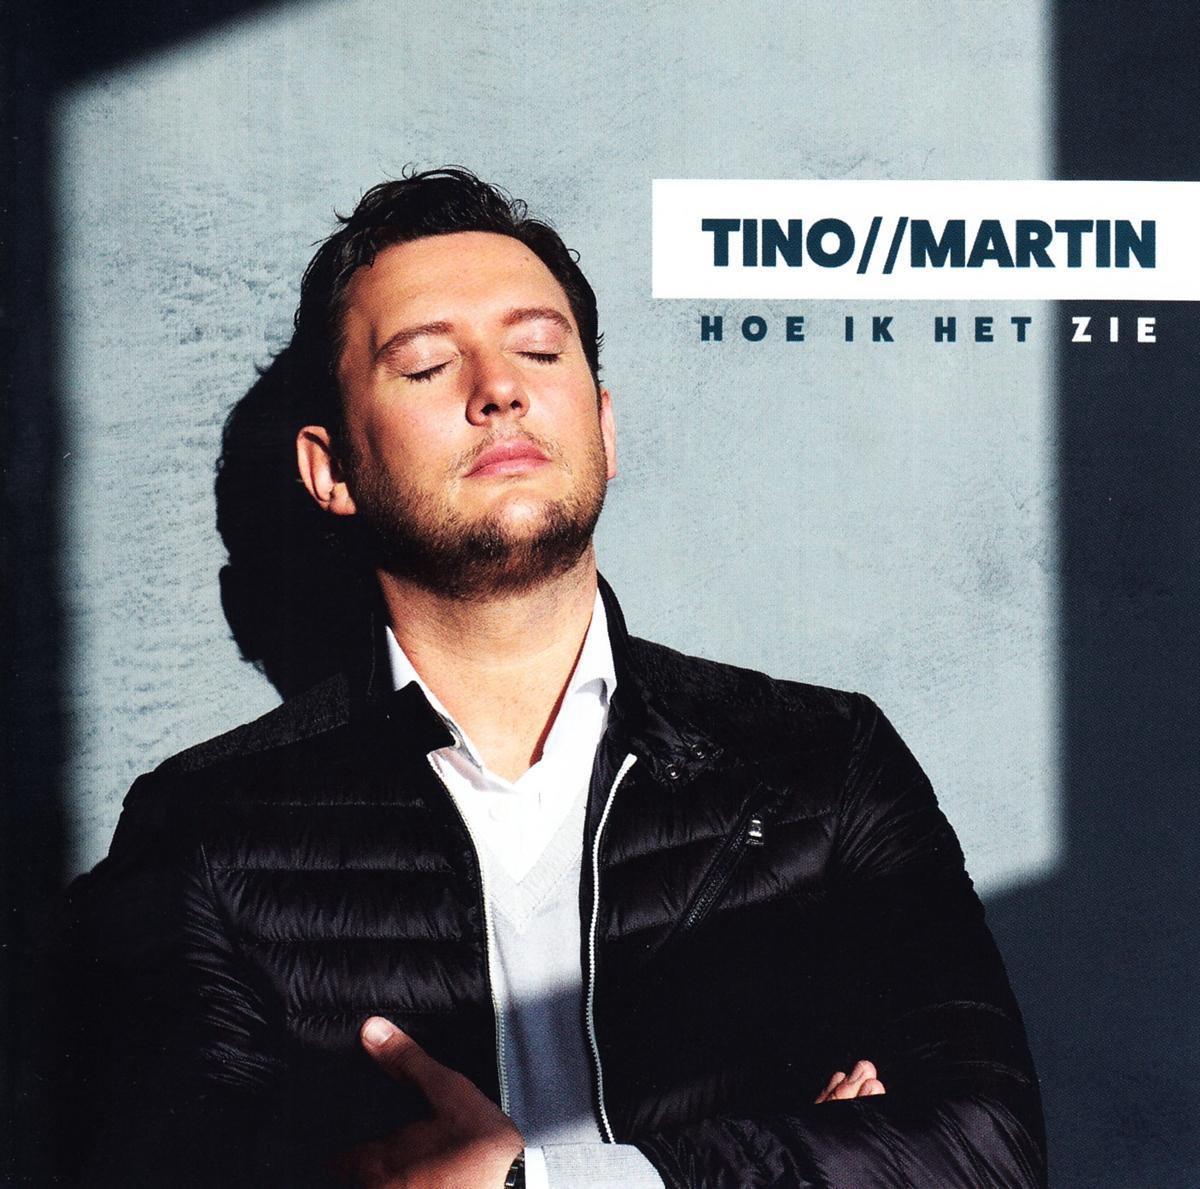 Martin Tino - Hoe Ik Het Zie - Tino Martin